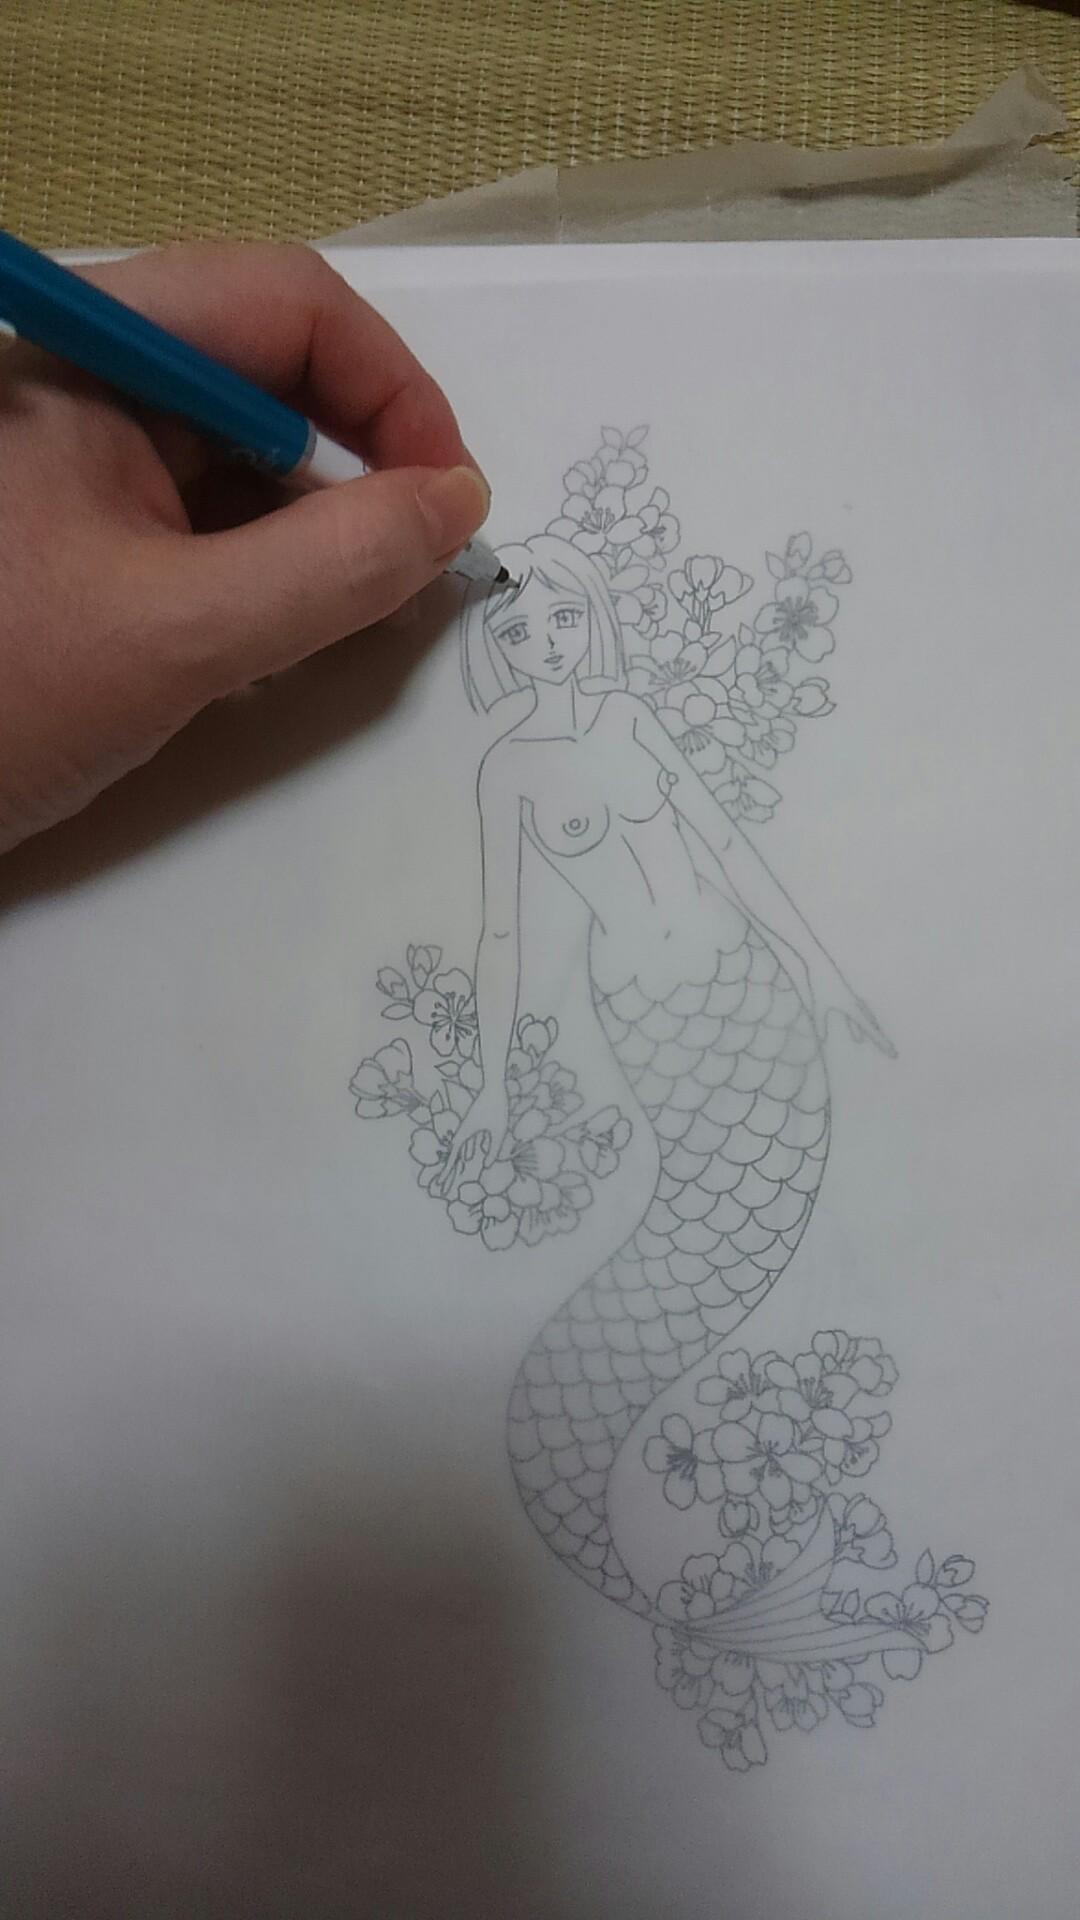 メイキング誰にでも描けるッッ刺青の描き方ッッ Asdポンチの